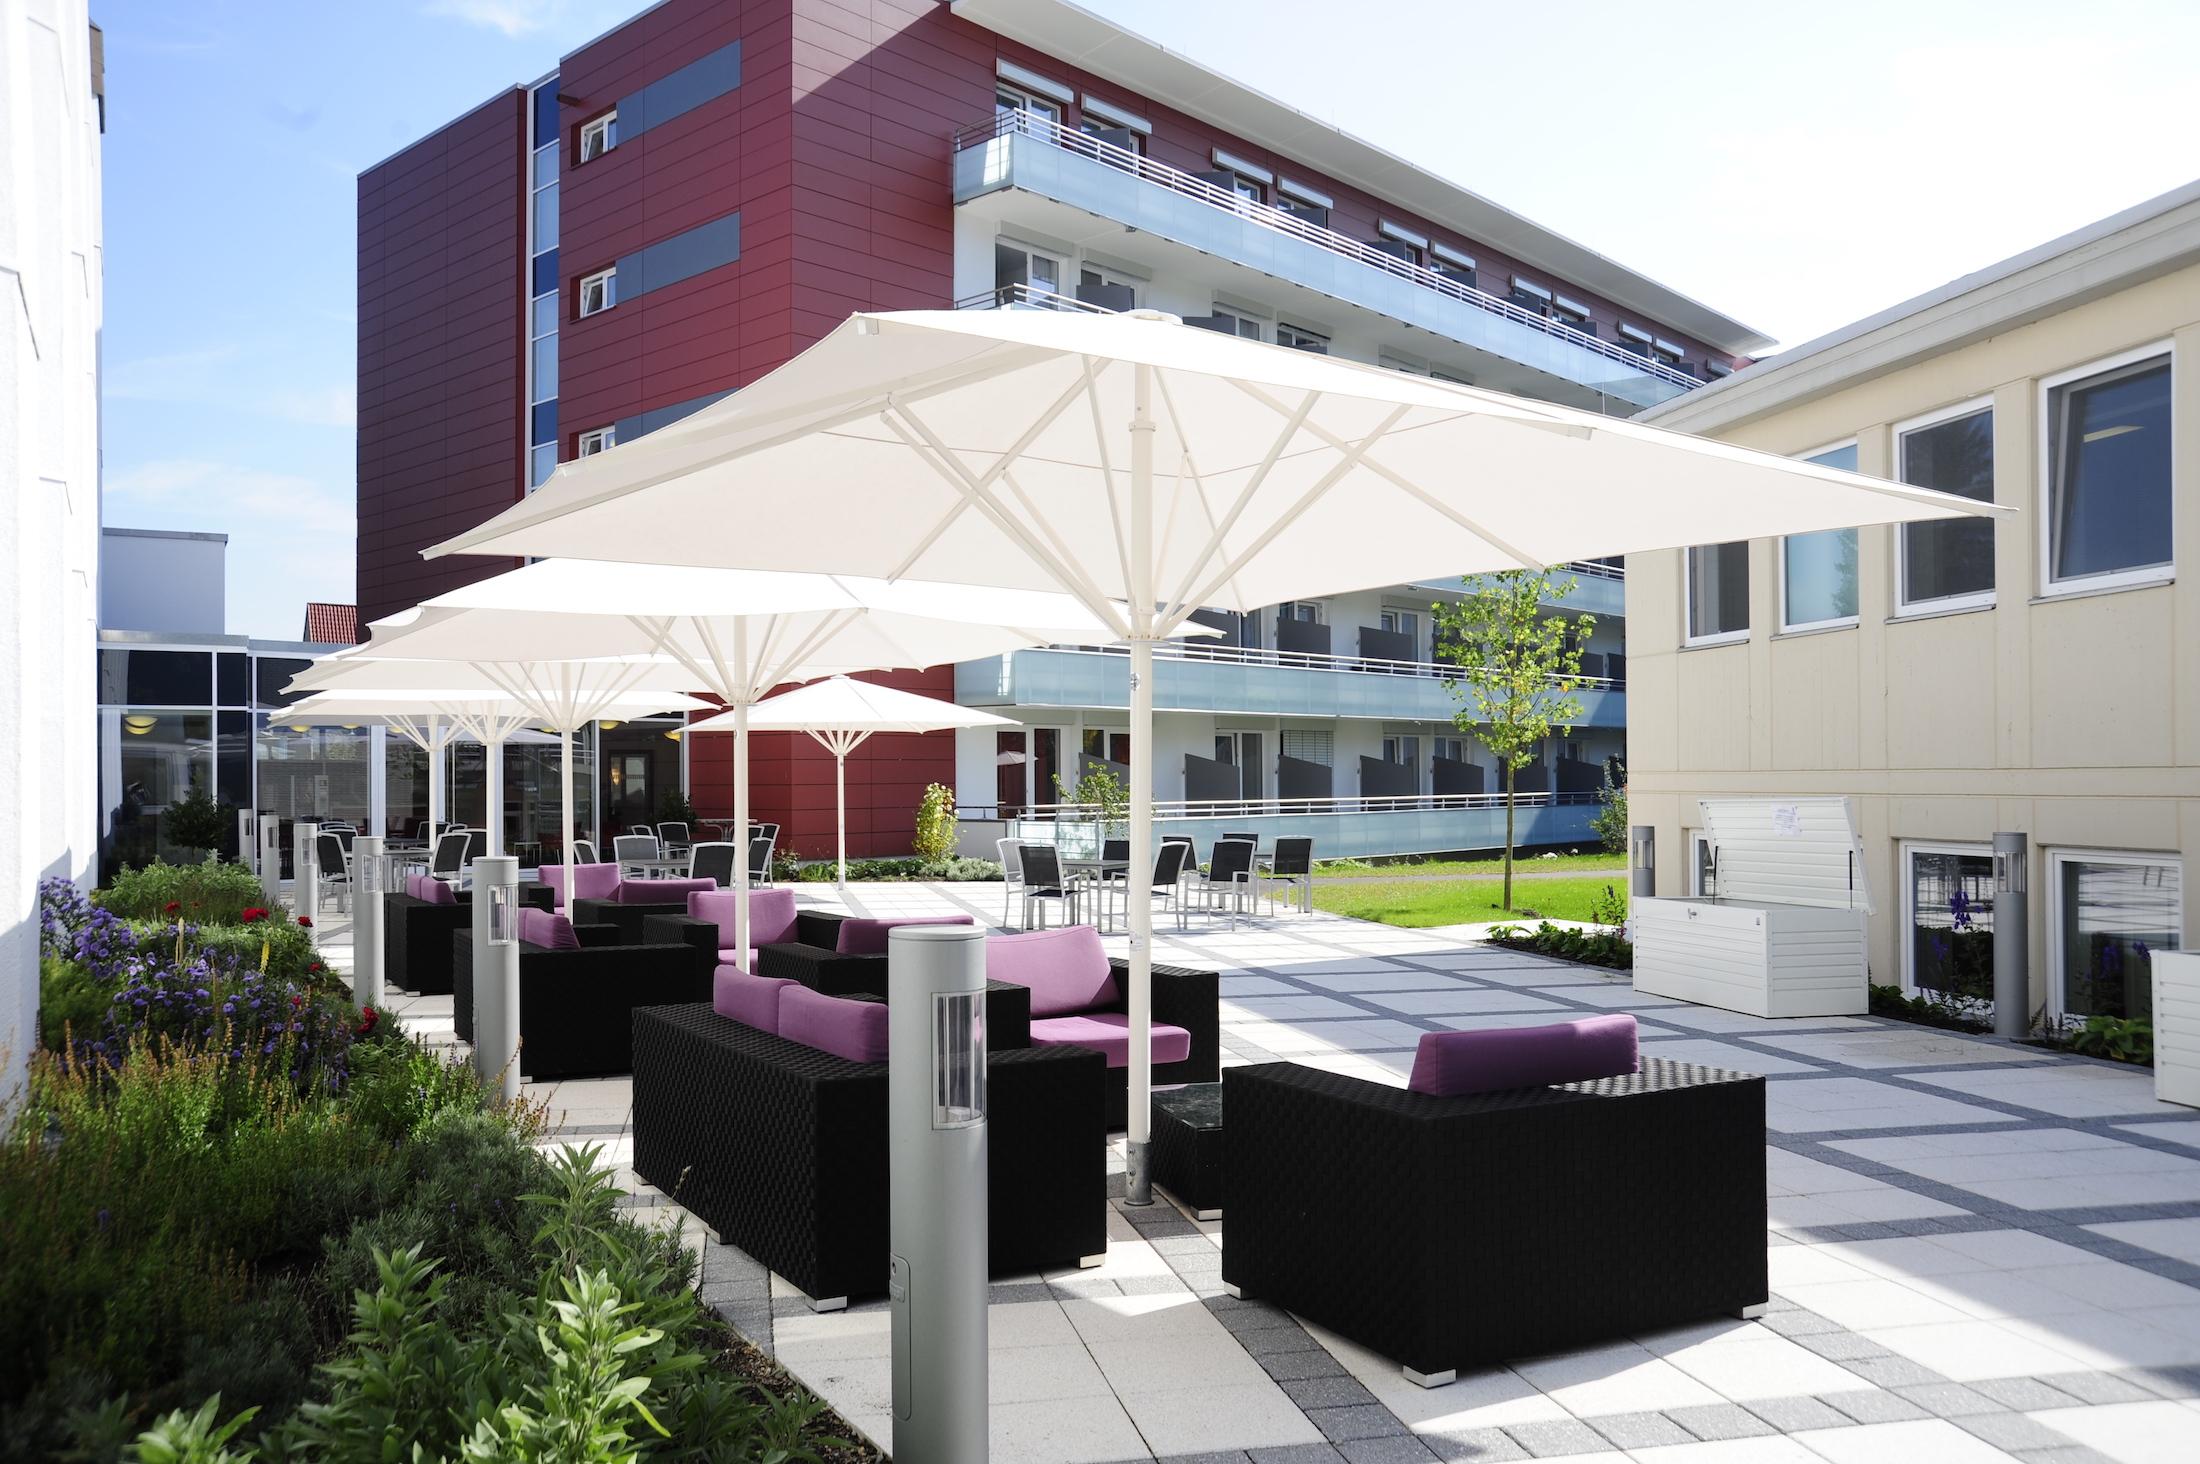 Terrasse der Rehakliniken Bad Waldsee